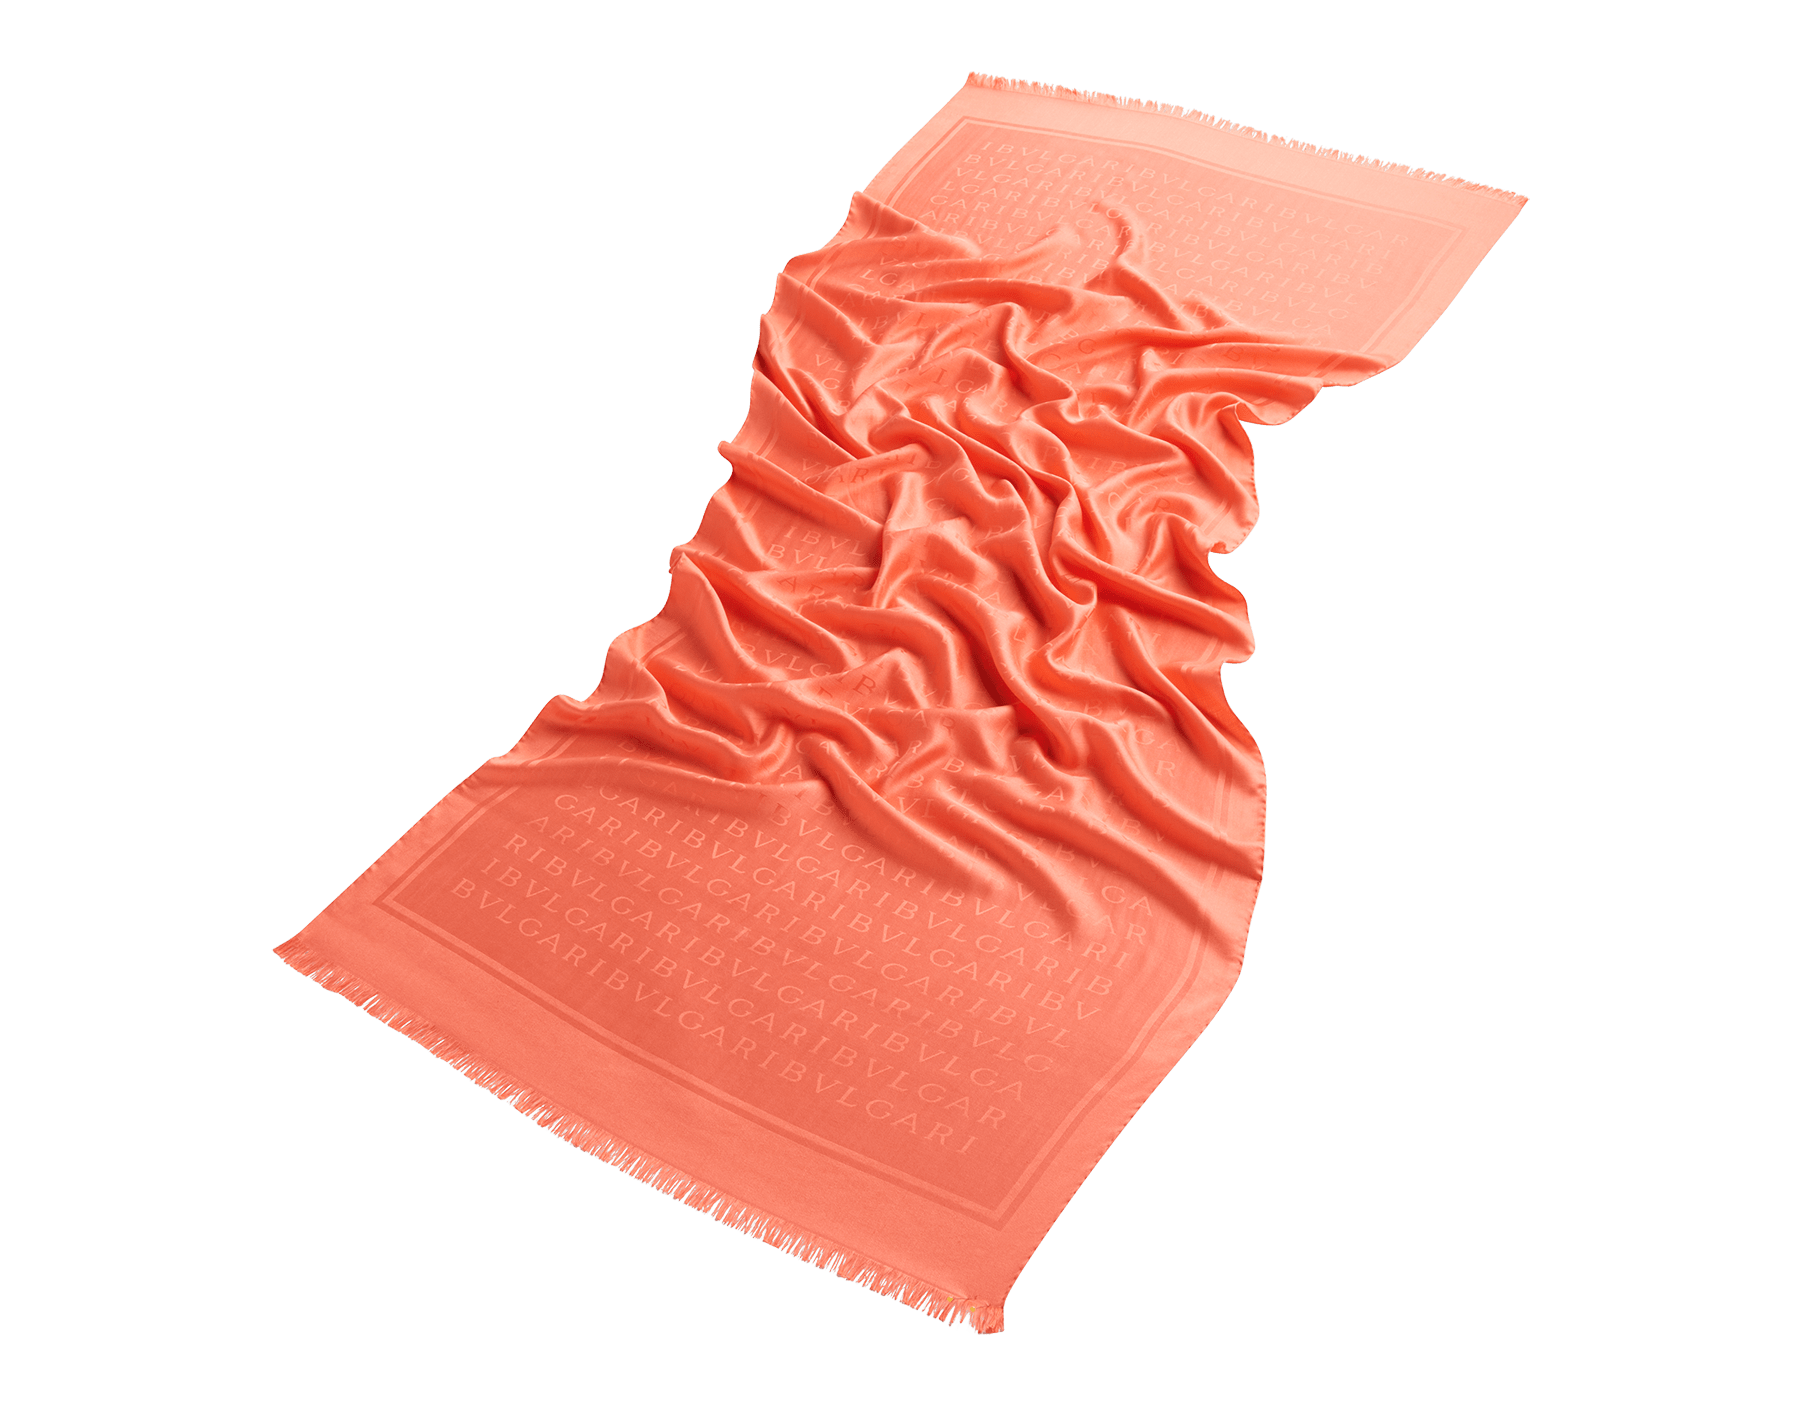 Silky Coral Lettere Maxi Light stole in fine silk. 244058 image 1